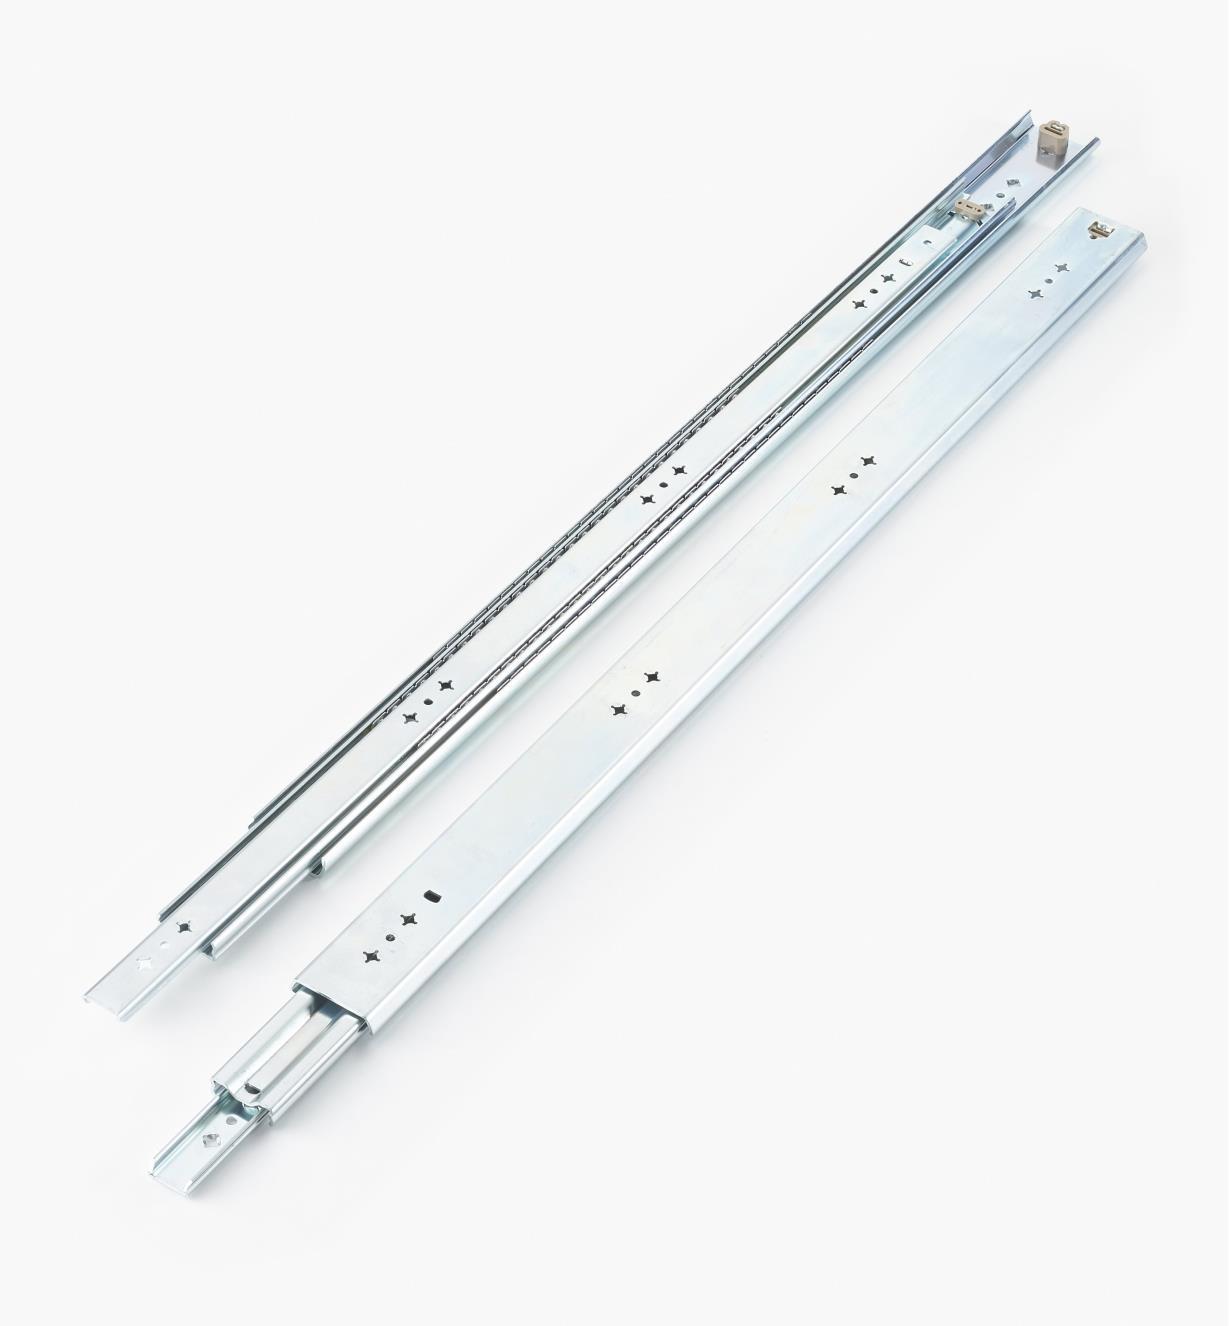 02K3232 - Coulisses de 32po (800mm) à extension complète pour charge de 200lb, la paire